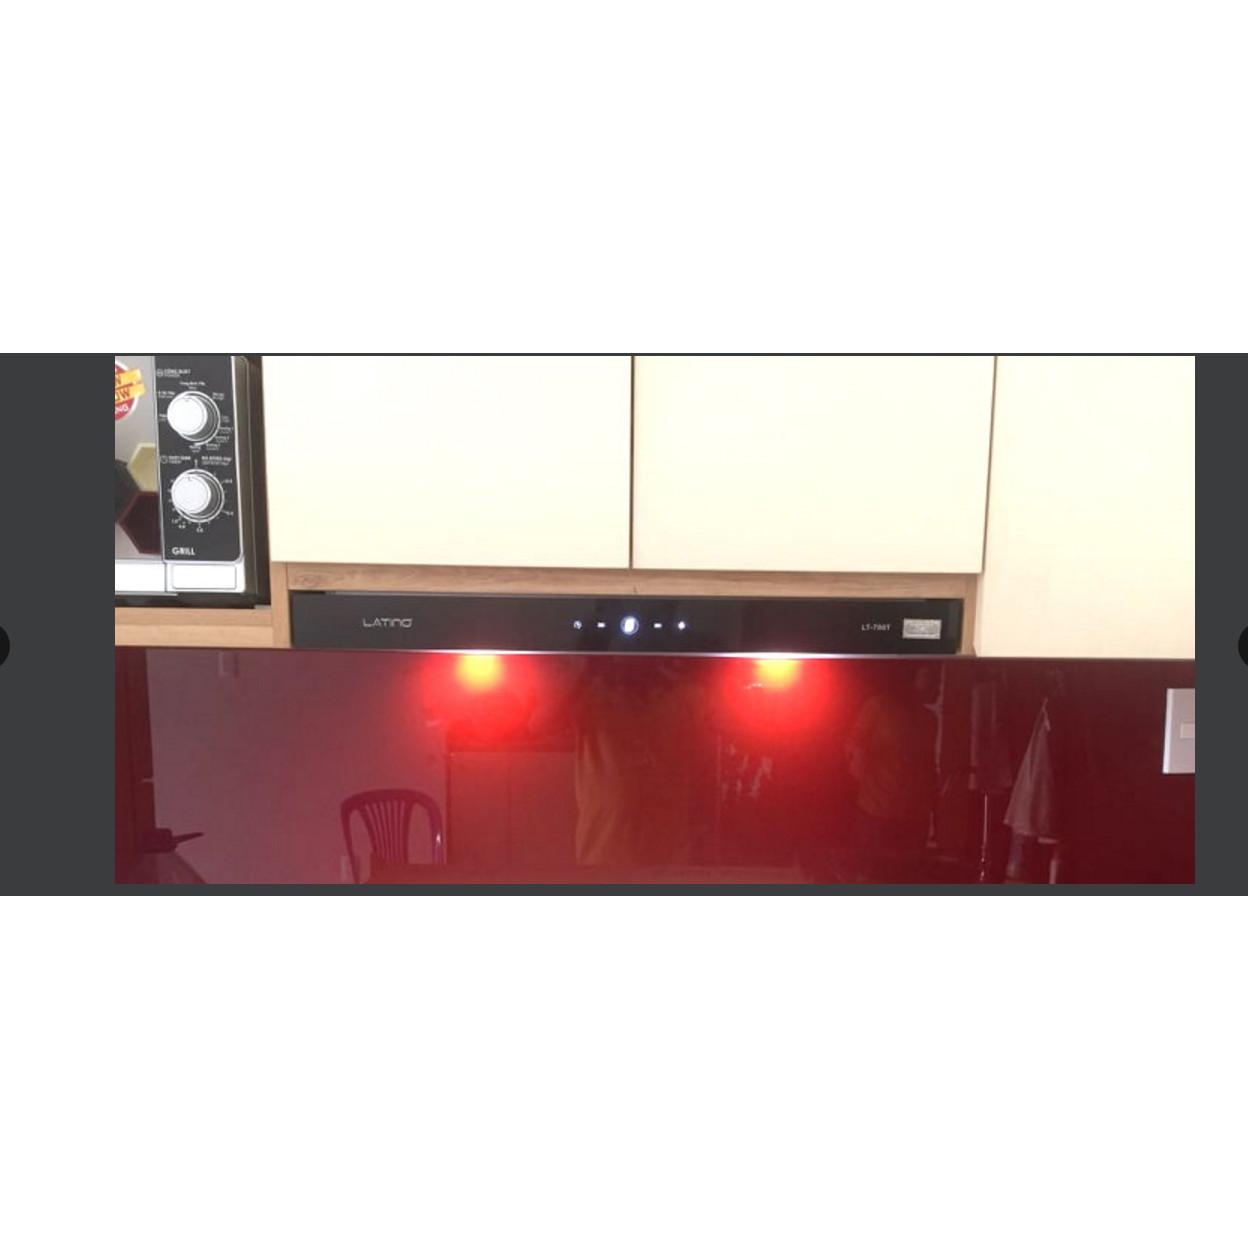 Máy hút mùi âm tủ Latino LT-700T - Hàng Chính Hãng